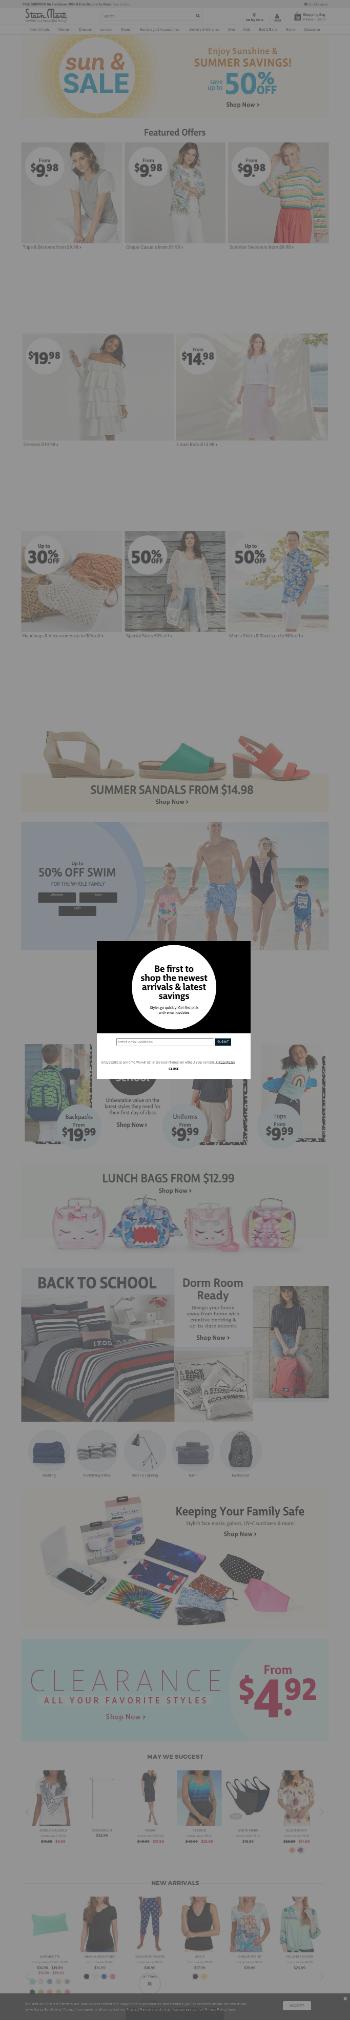 Stein Mart, Inc. Website Screenshot